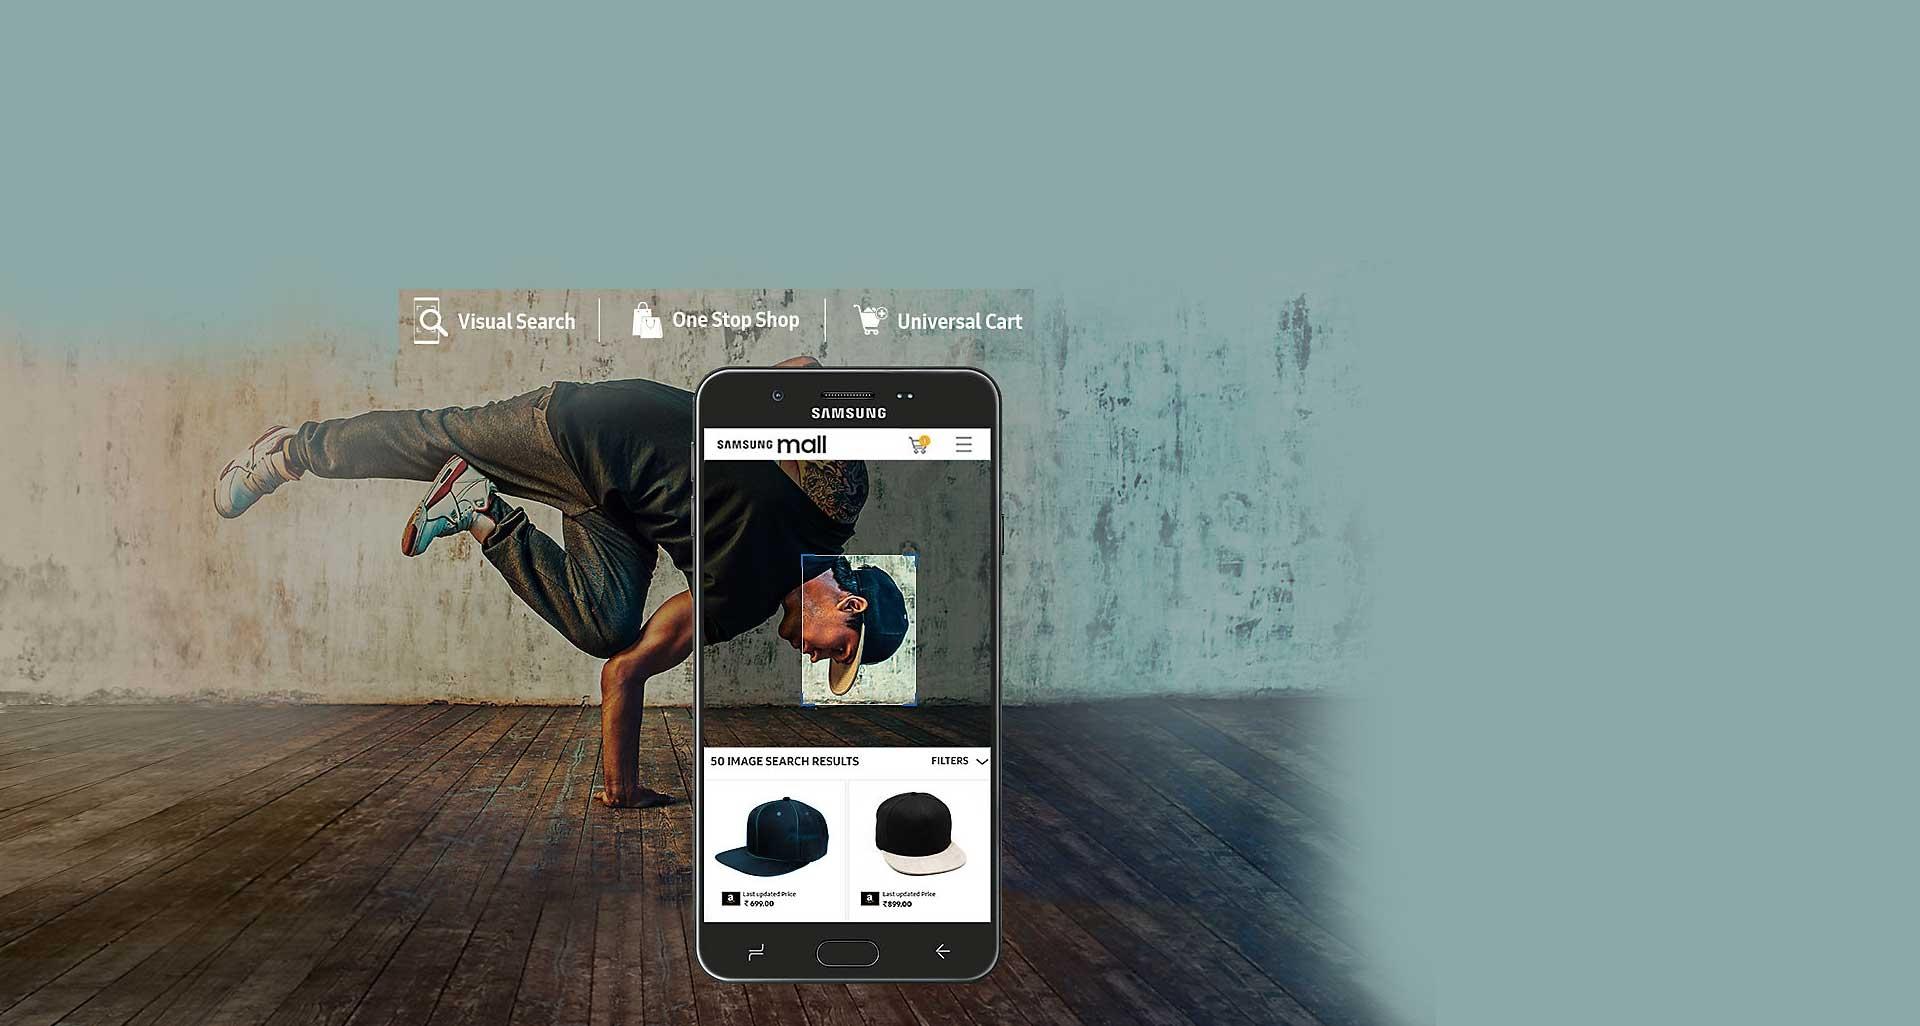 گوشی گلکسی جی 7 پرایم 2 با ویژگی Samsung Mall